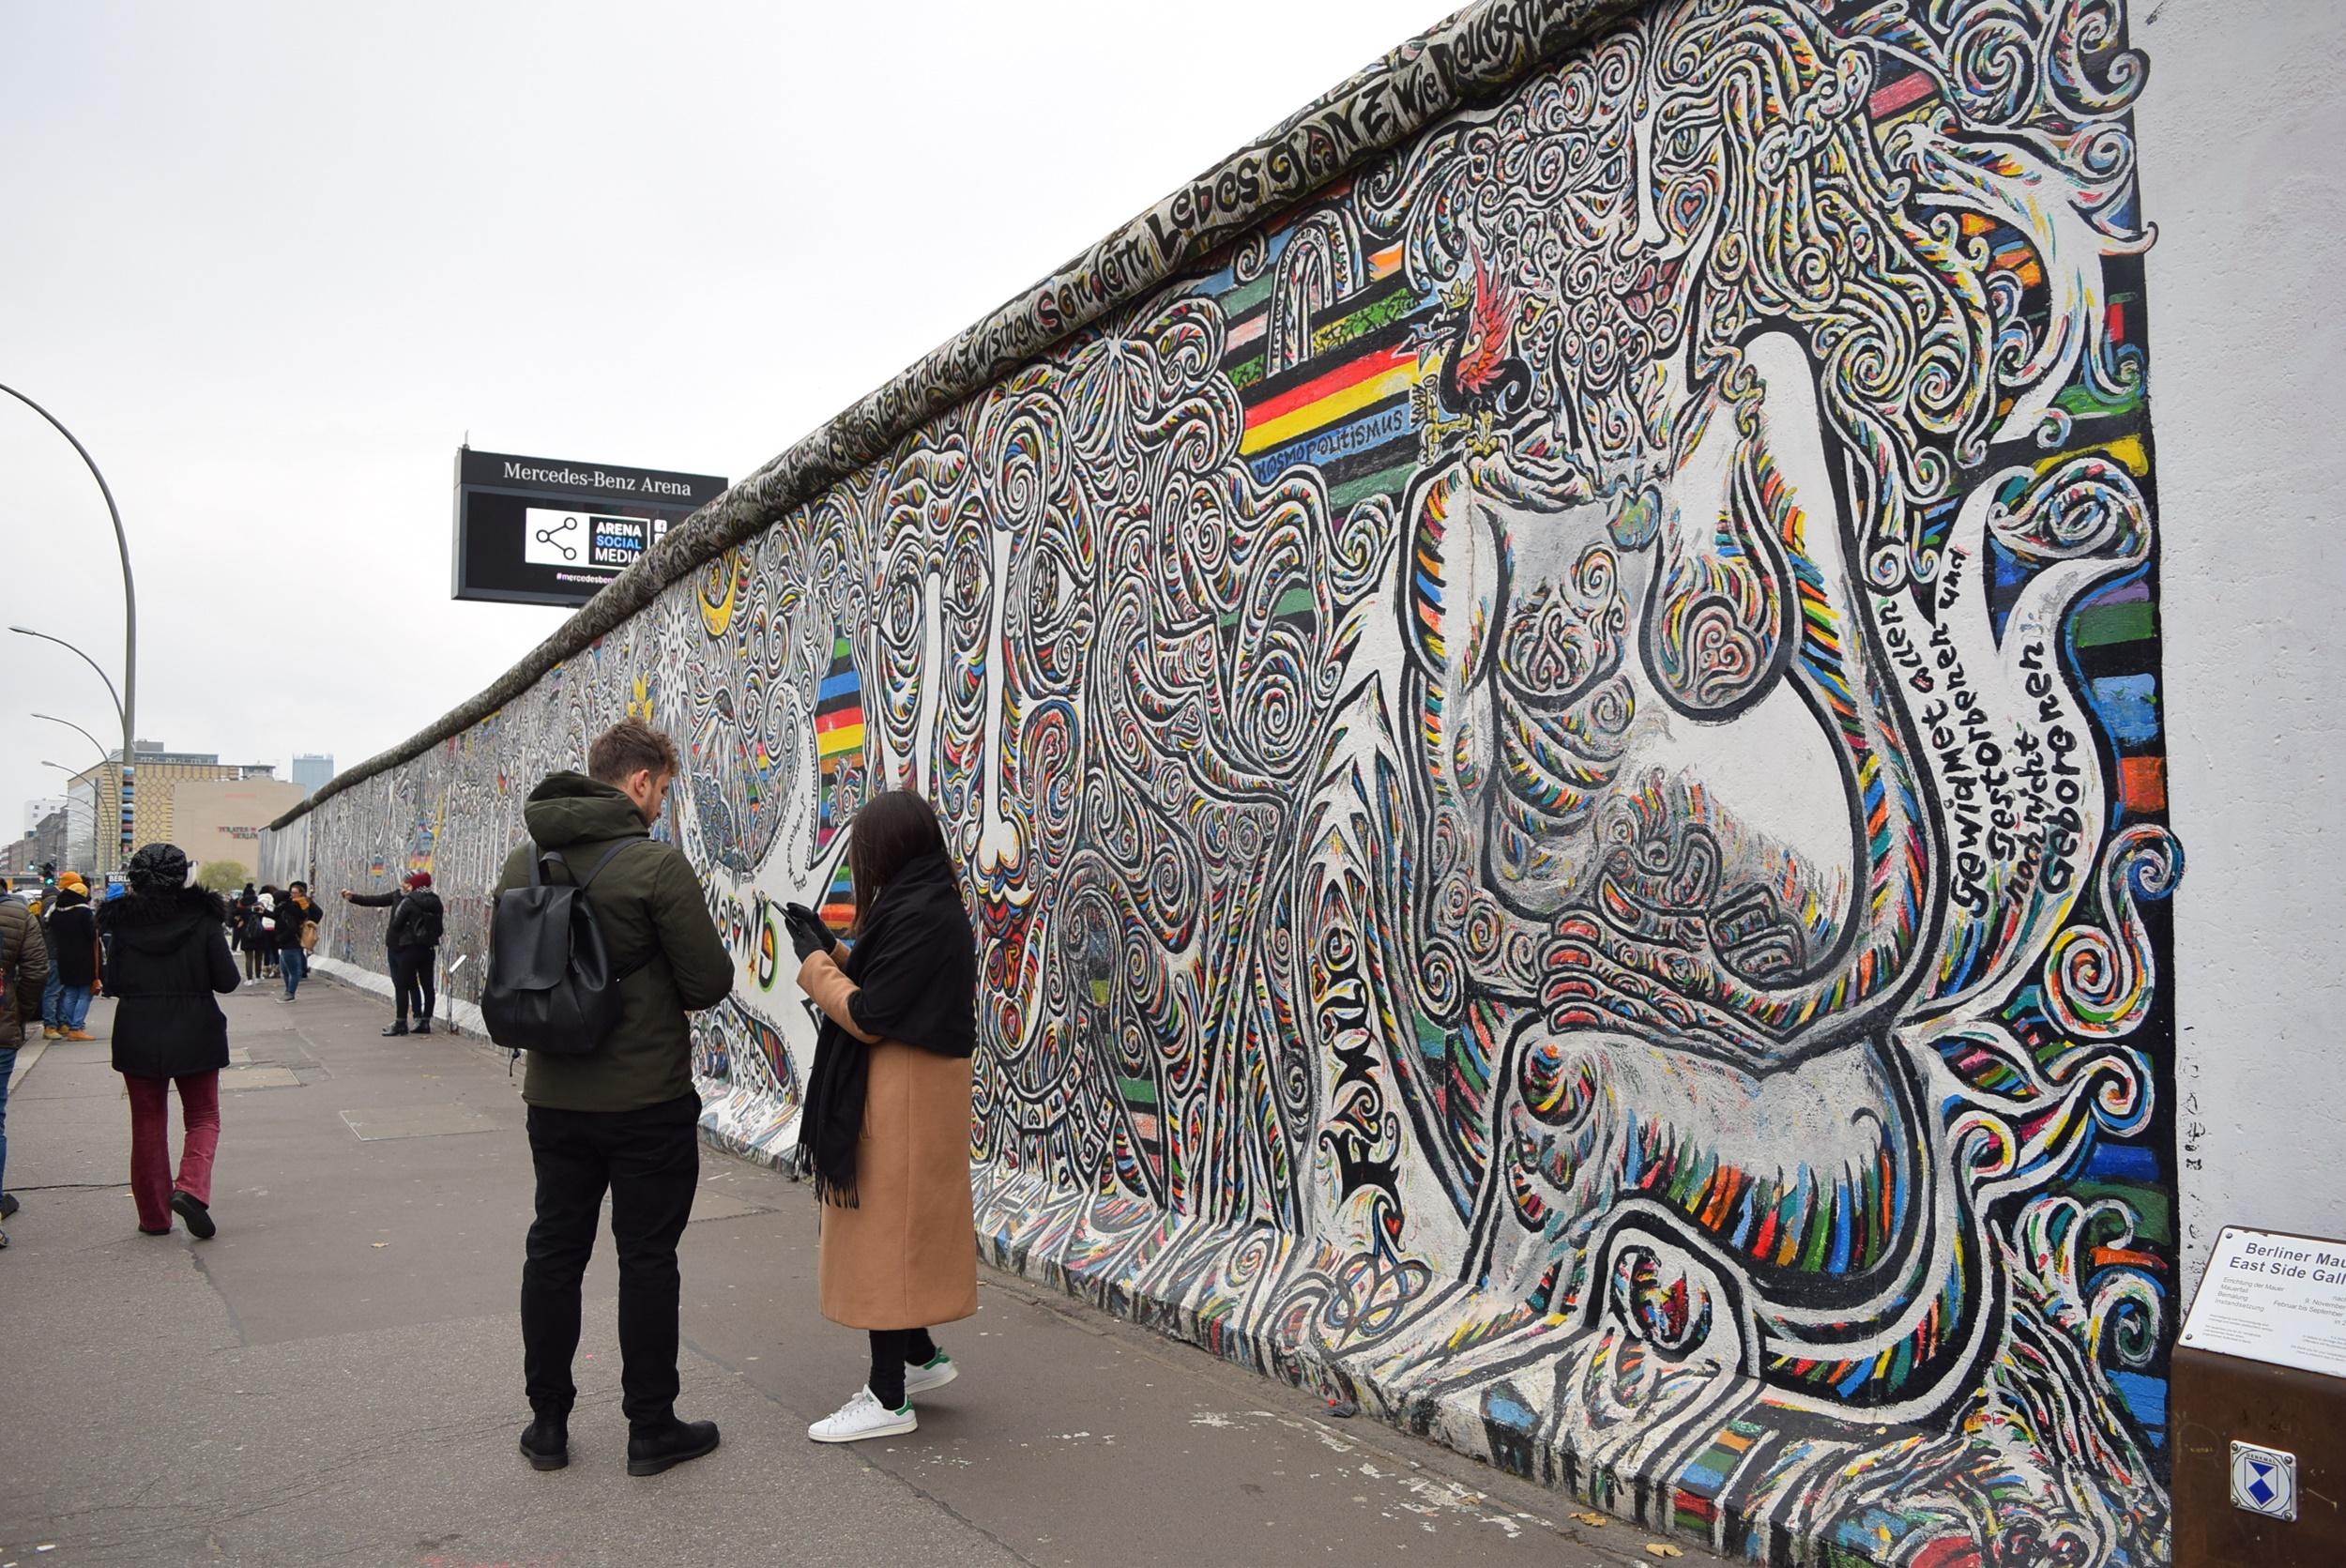 """30 ปี หลัง """"กำแพงเบอร์ลิน"""" ล่มสลาย  อดีตแสนขมขื่นกลายเป็นมรดกล้ำค่าของชาวเยอรมัน"""